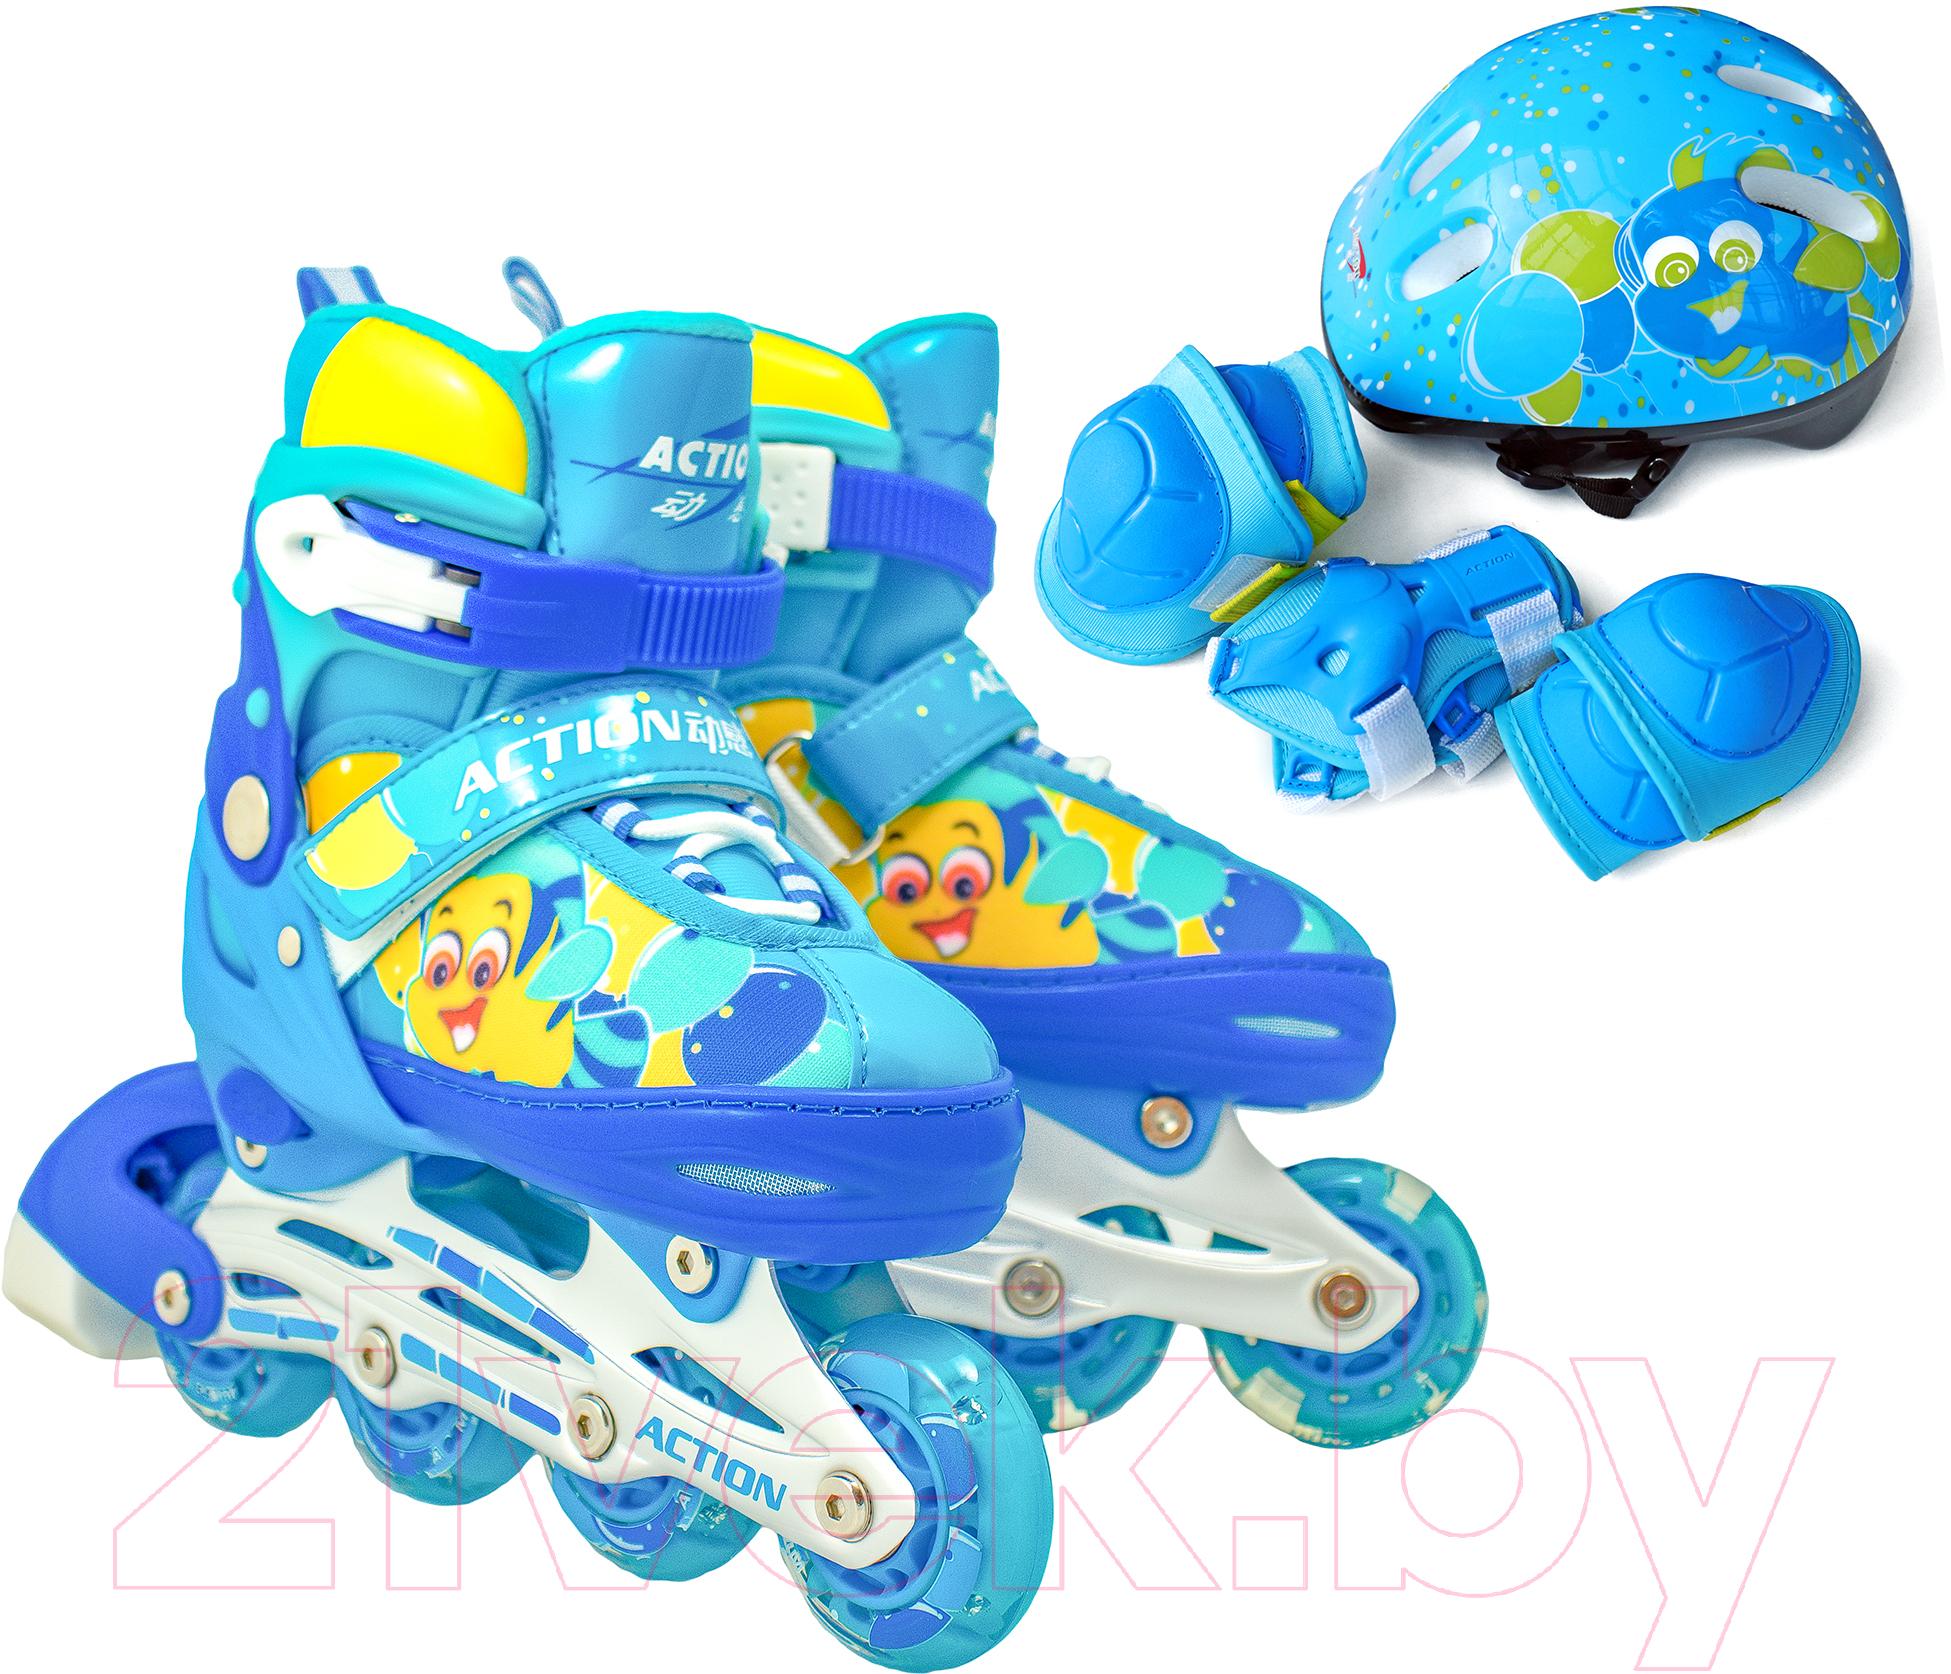 Купить Роликовые коньки Action, 155B (S, синий/желтый), Китай